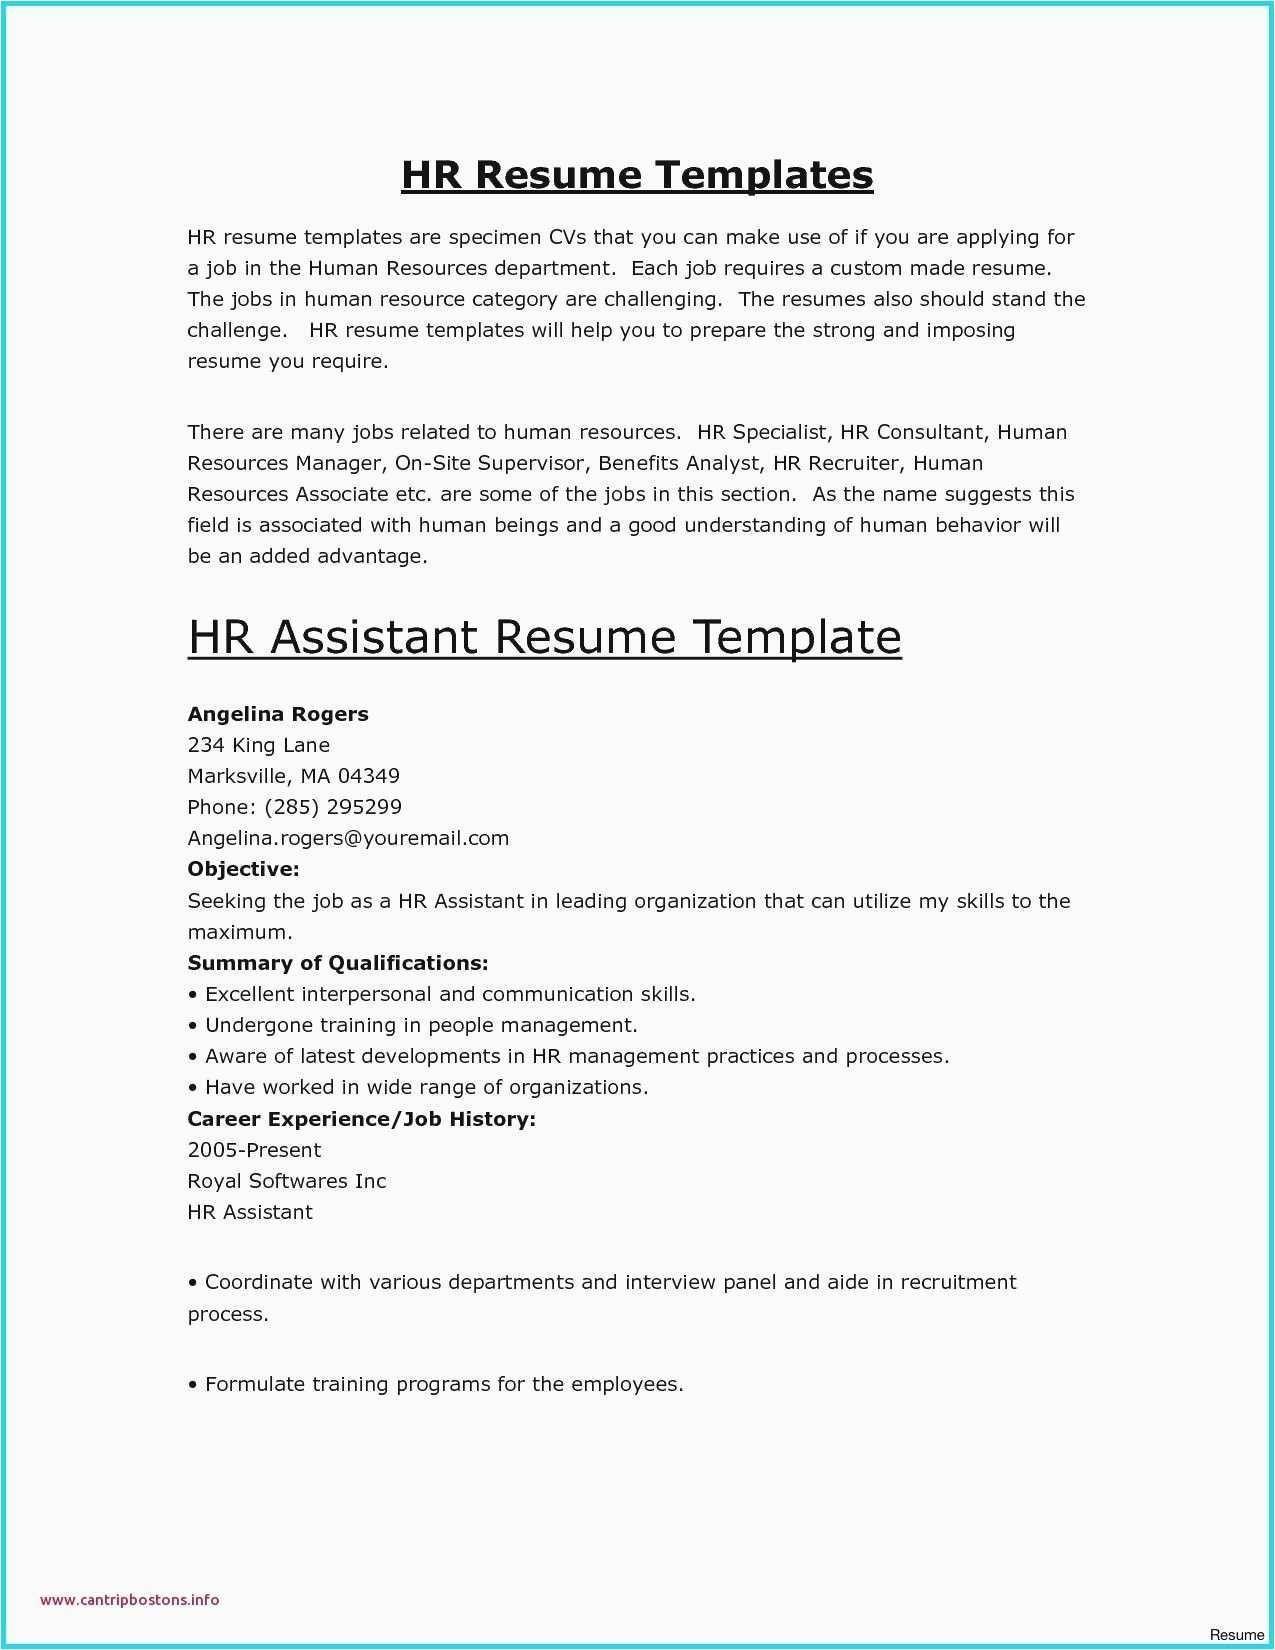 Basic Sample Resume Template New 27 Basic Resume Builder Model